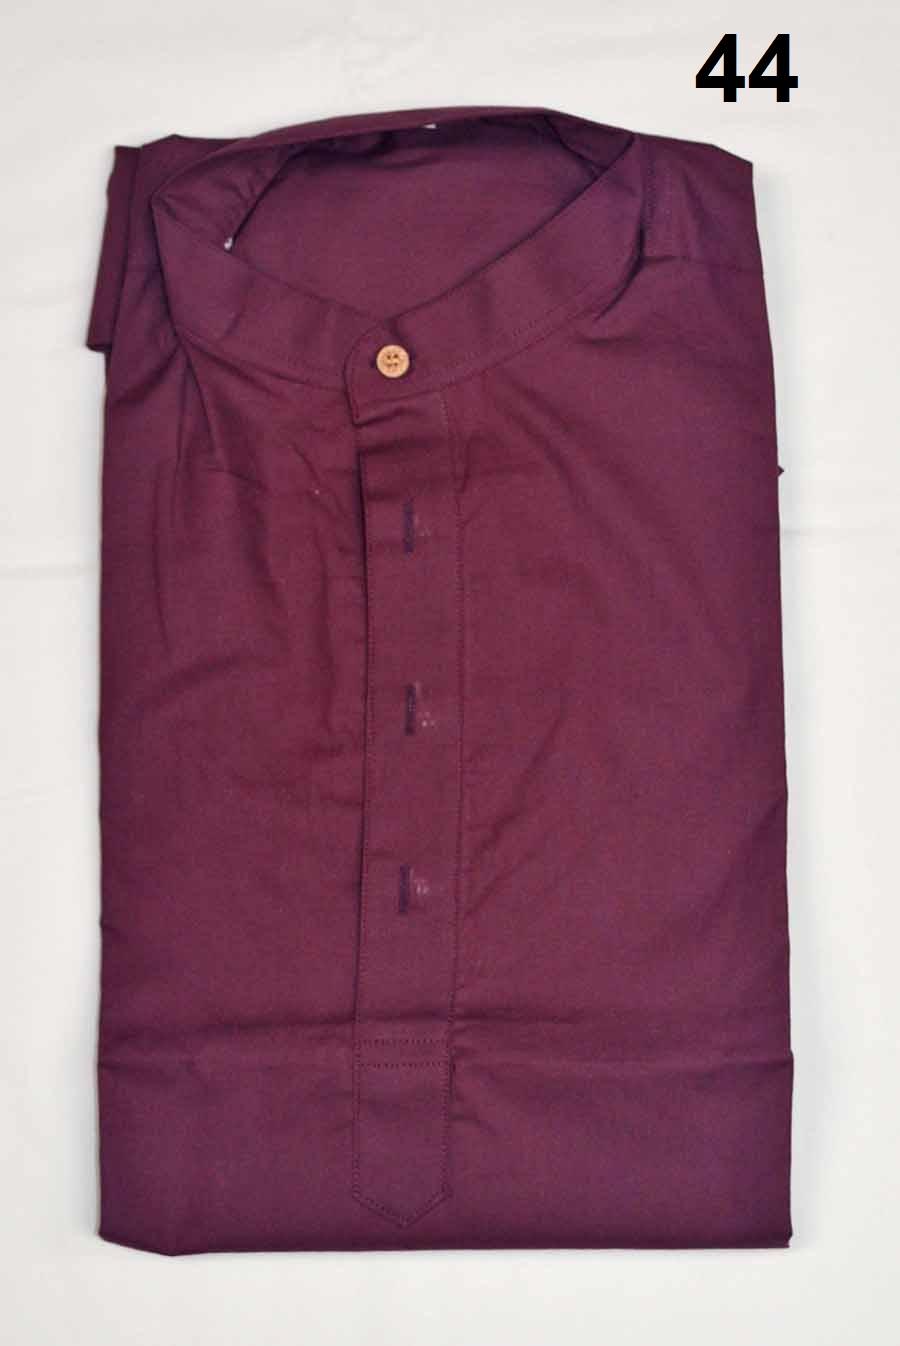 Cotton Kurta 9154 - 44